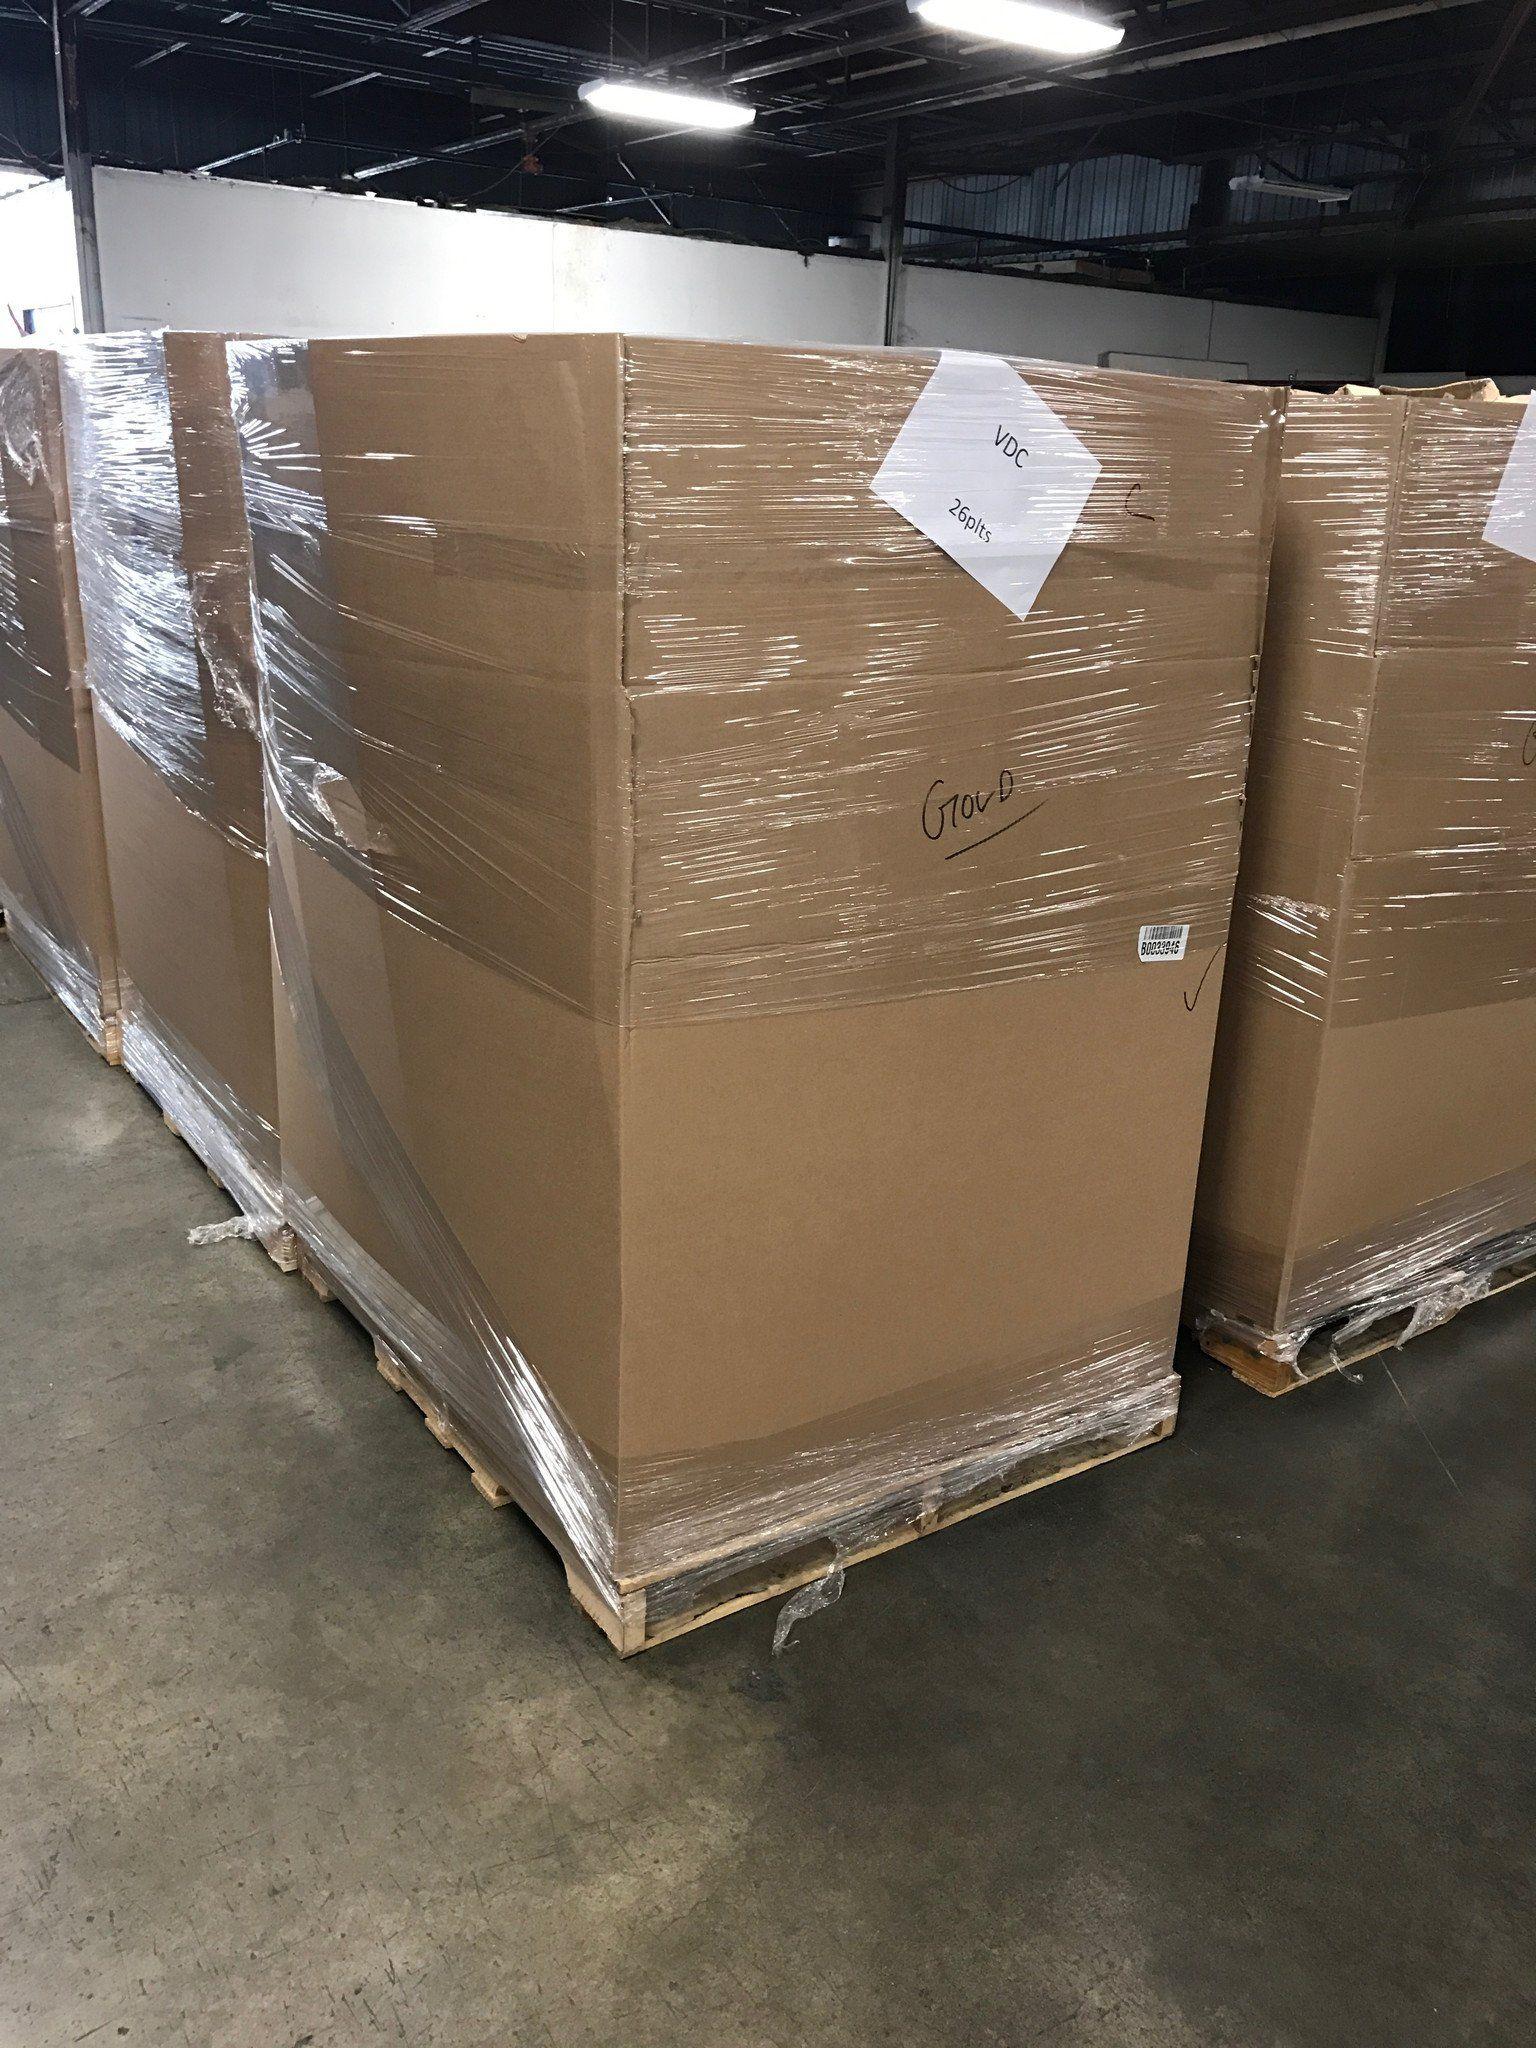 General Merchandise Truckload Amazon Overstock Diy Dropshipping Ebay Palletdeals Wholesaleliquidation Wholesale Liquidators Merchandise Selling Online